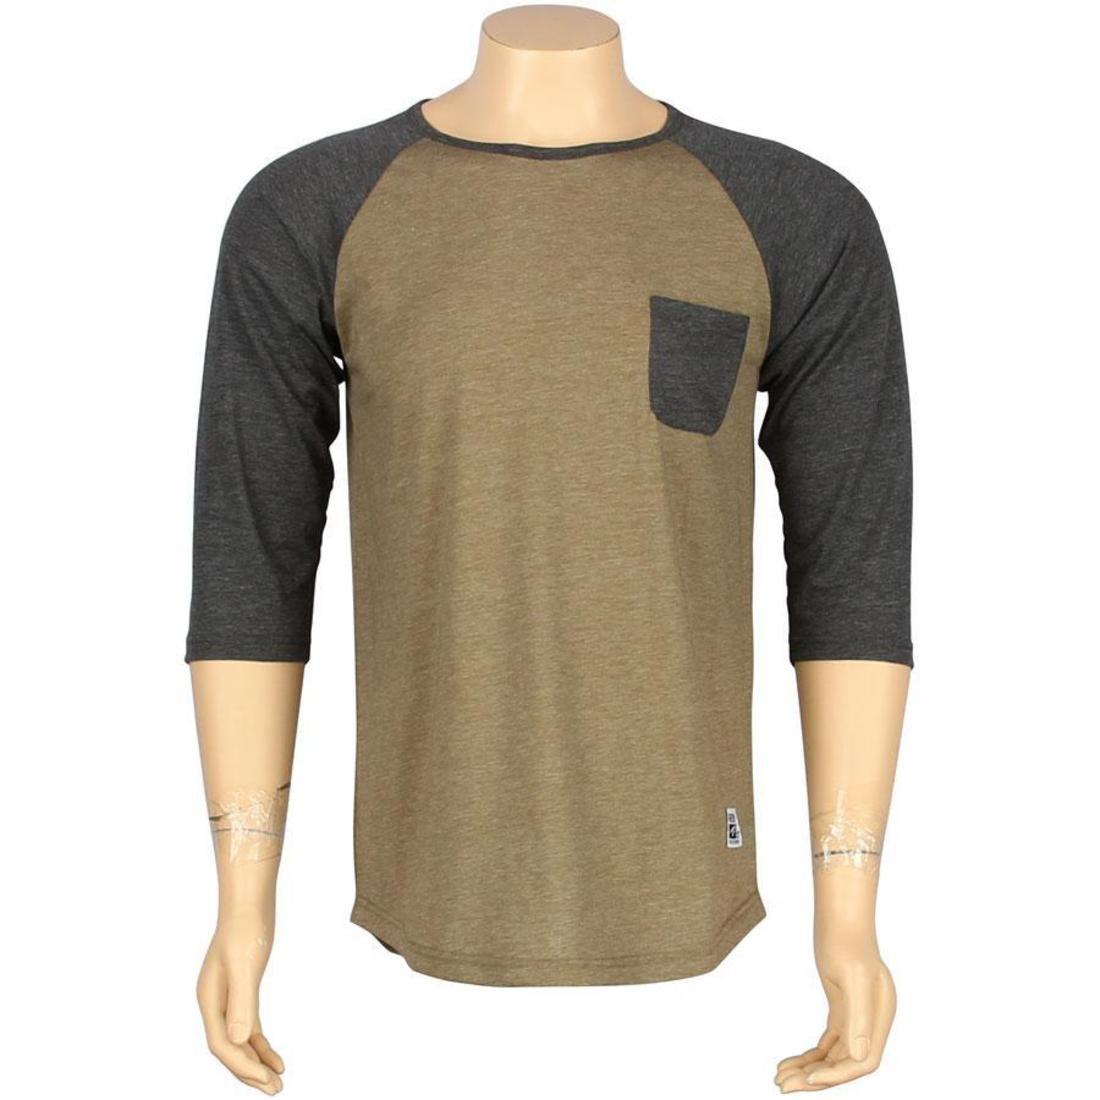 ラグラン Tシャツ オリーブ ヘザー 【 RAGLAN OLIVE HEATHER ARSNL BYRNE TEE 】 メンズファッション トップス Tシャツ カットソー